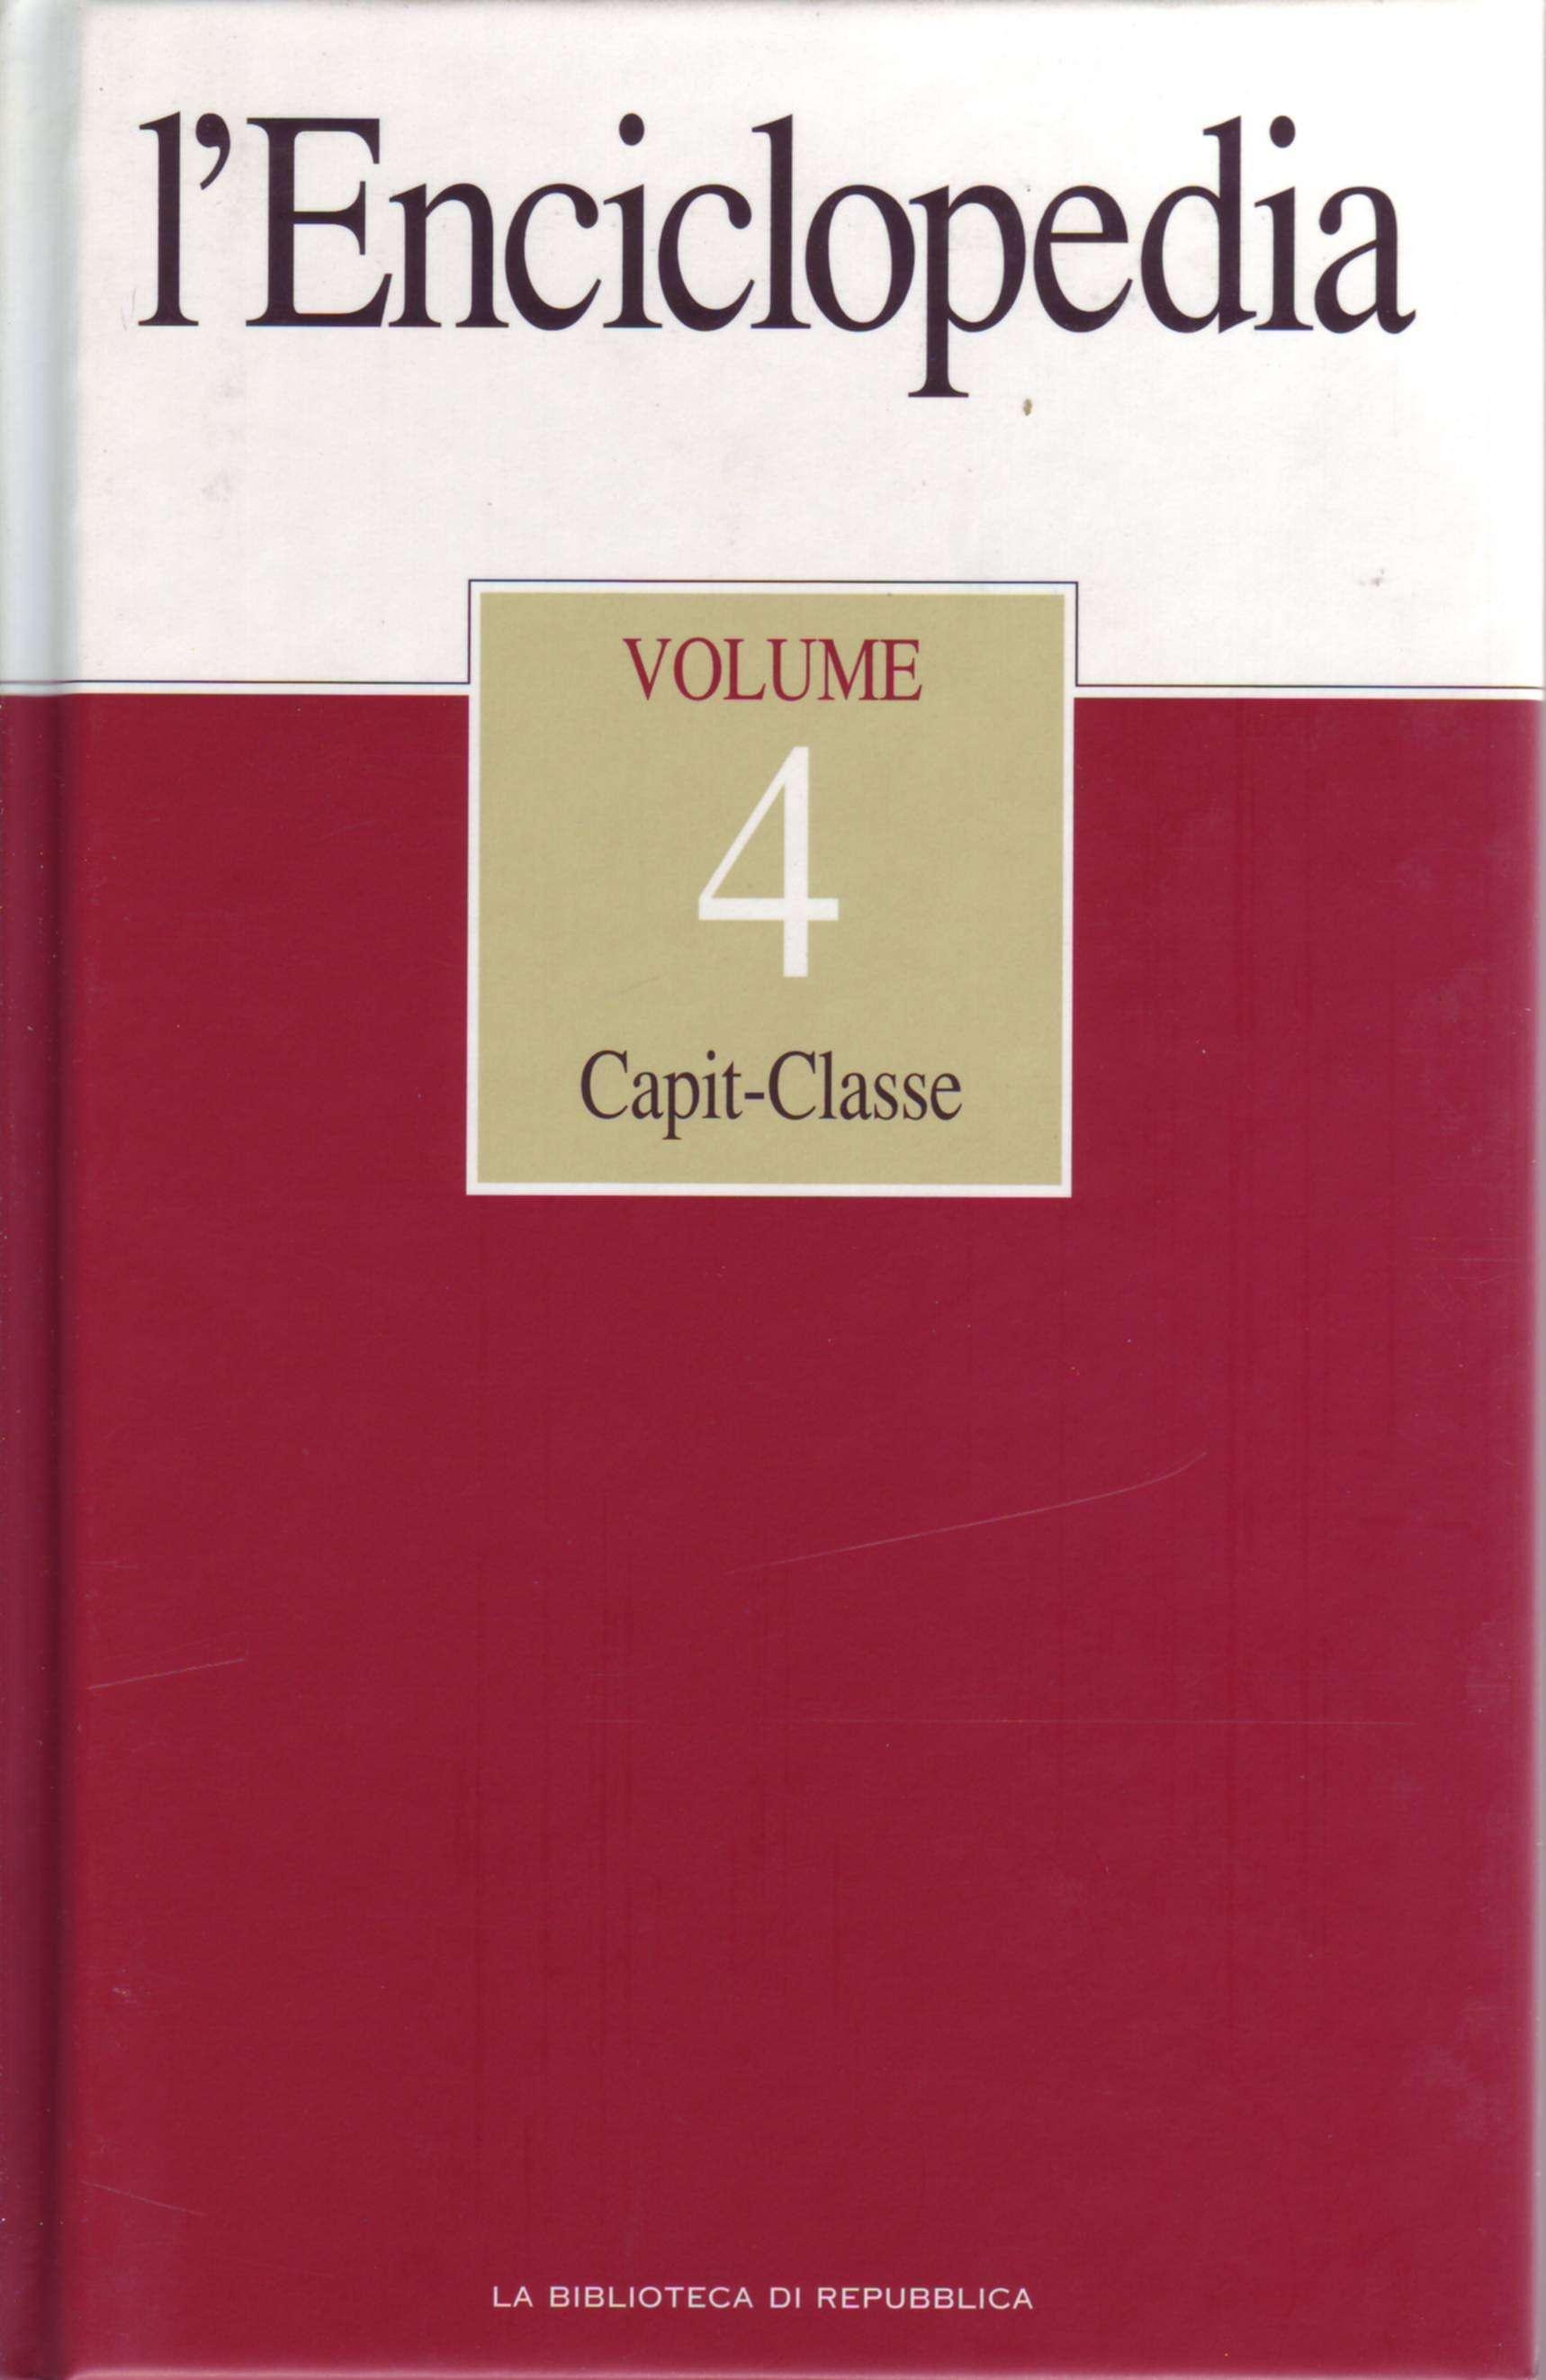 L'Enciclopedia - Vol. 4